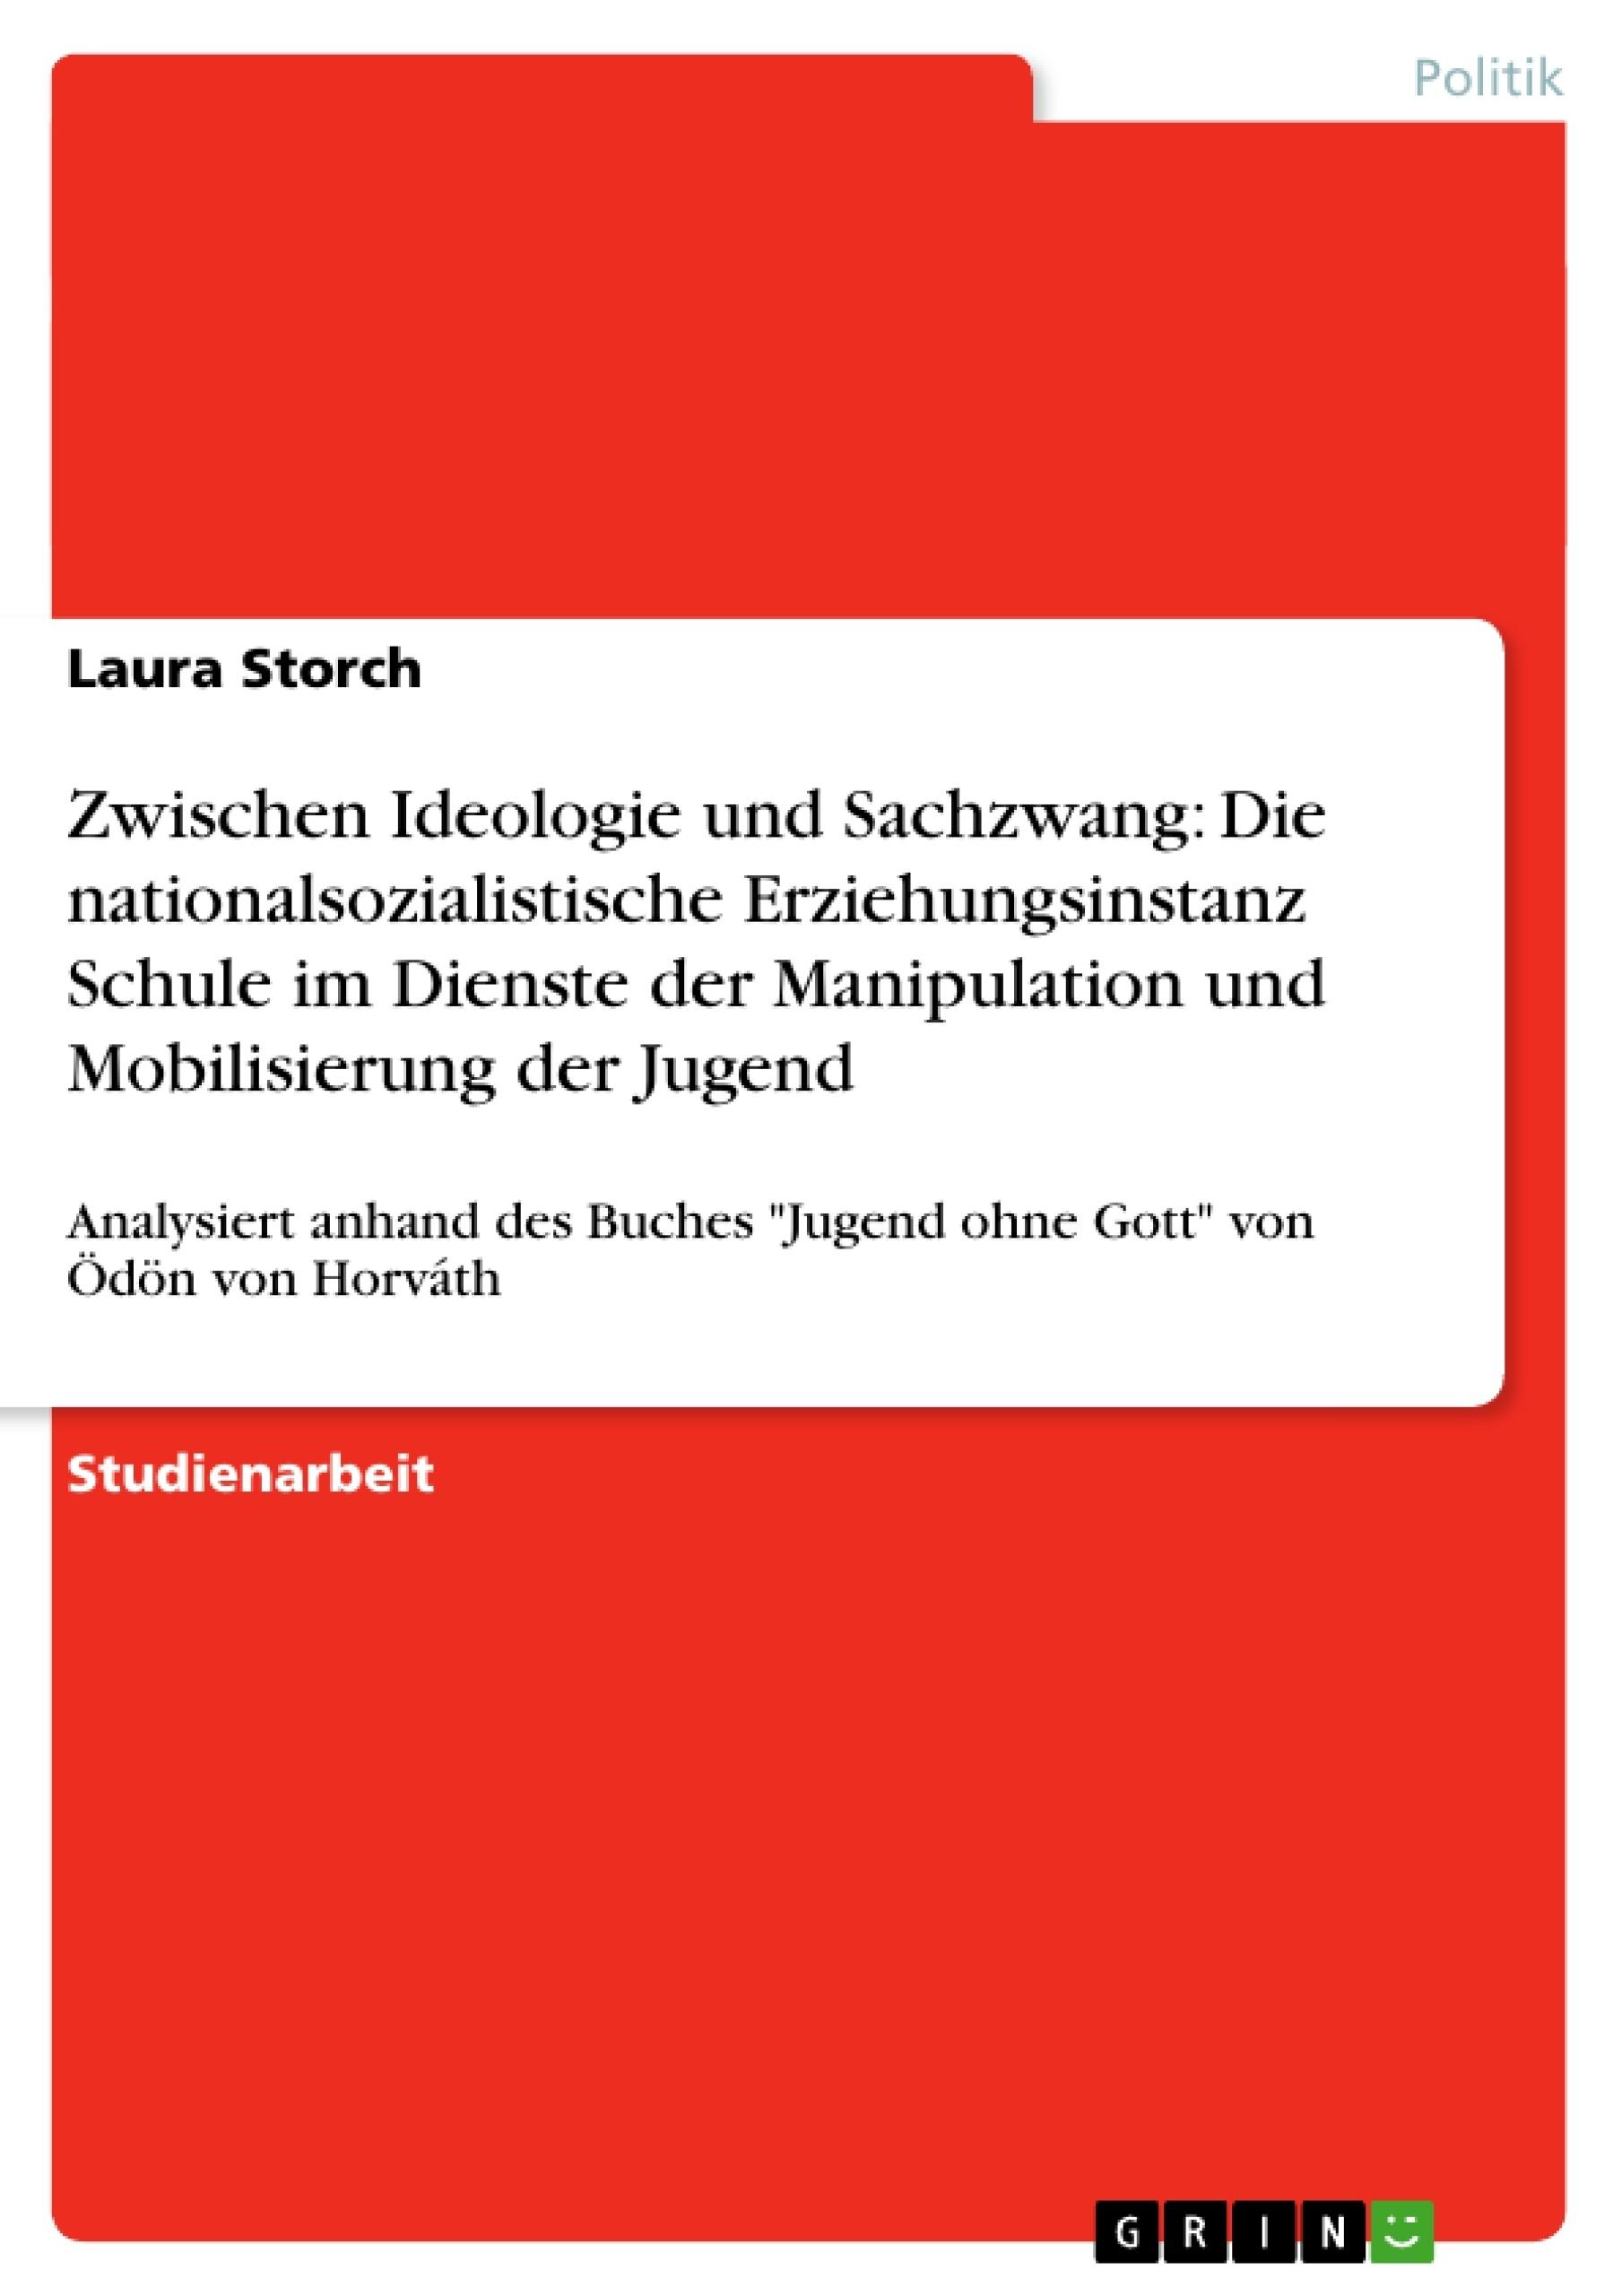 Titel: Zwischen Ideologie und Sachzwang: Die nationalsozialistische Erziehungsinstanz Schule im Dienste der Manipulation und Mobilisierung der Jugend